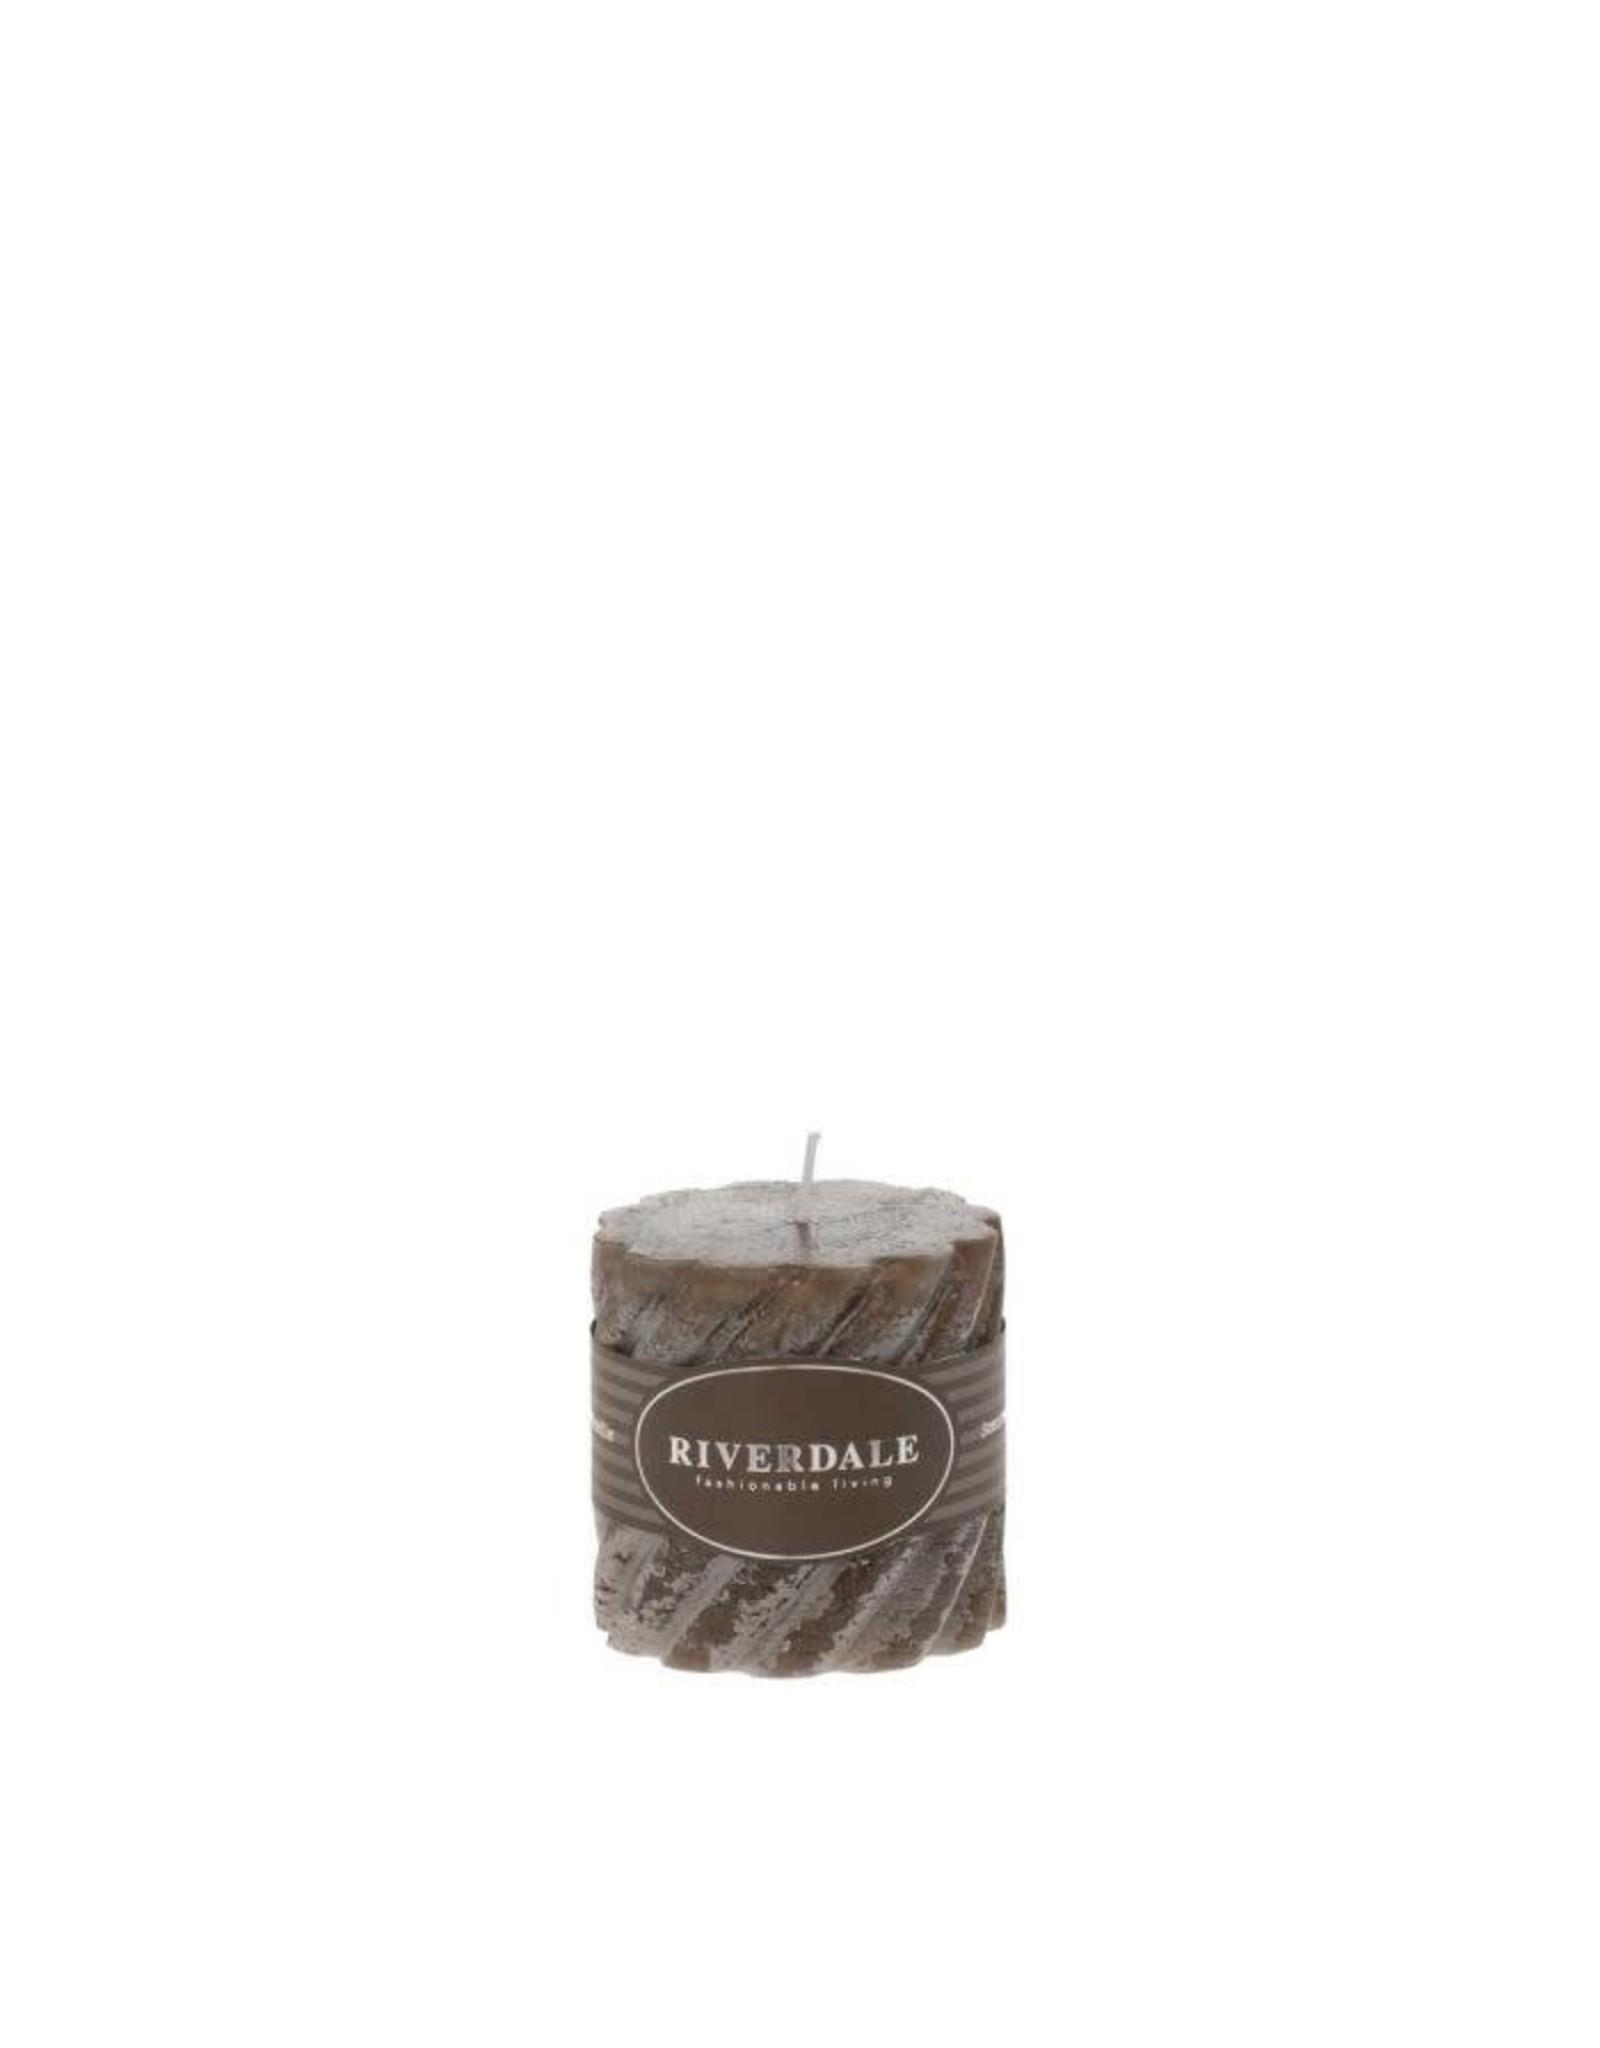 Riverdale Riverdale Geurkaars Swirl mokka  7,5 x 7,5 cm